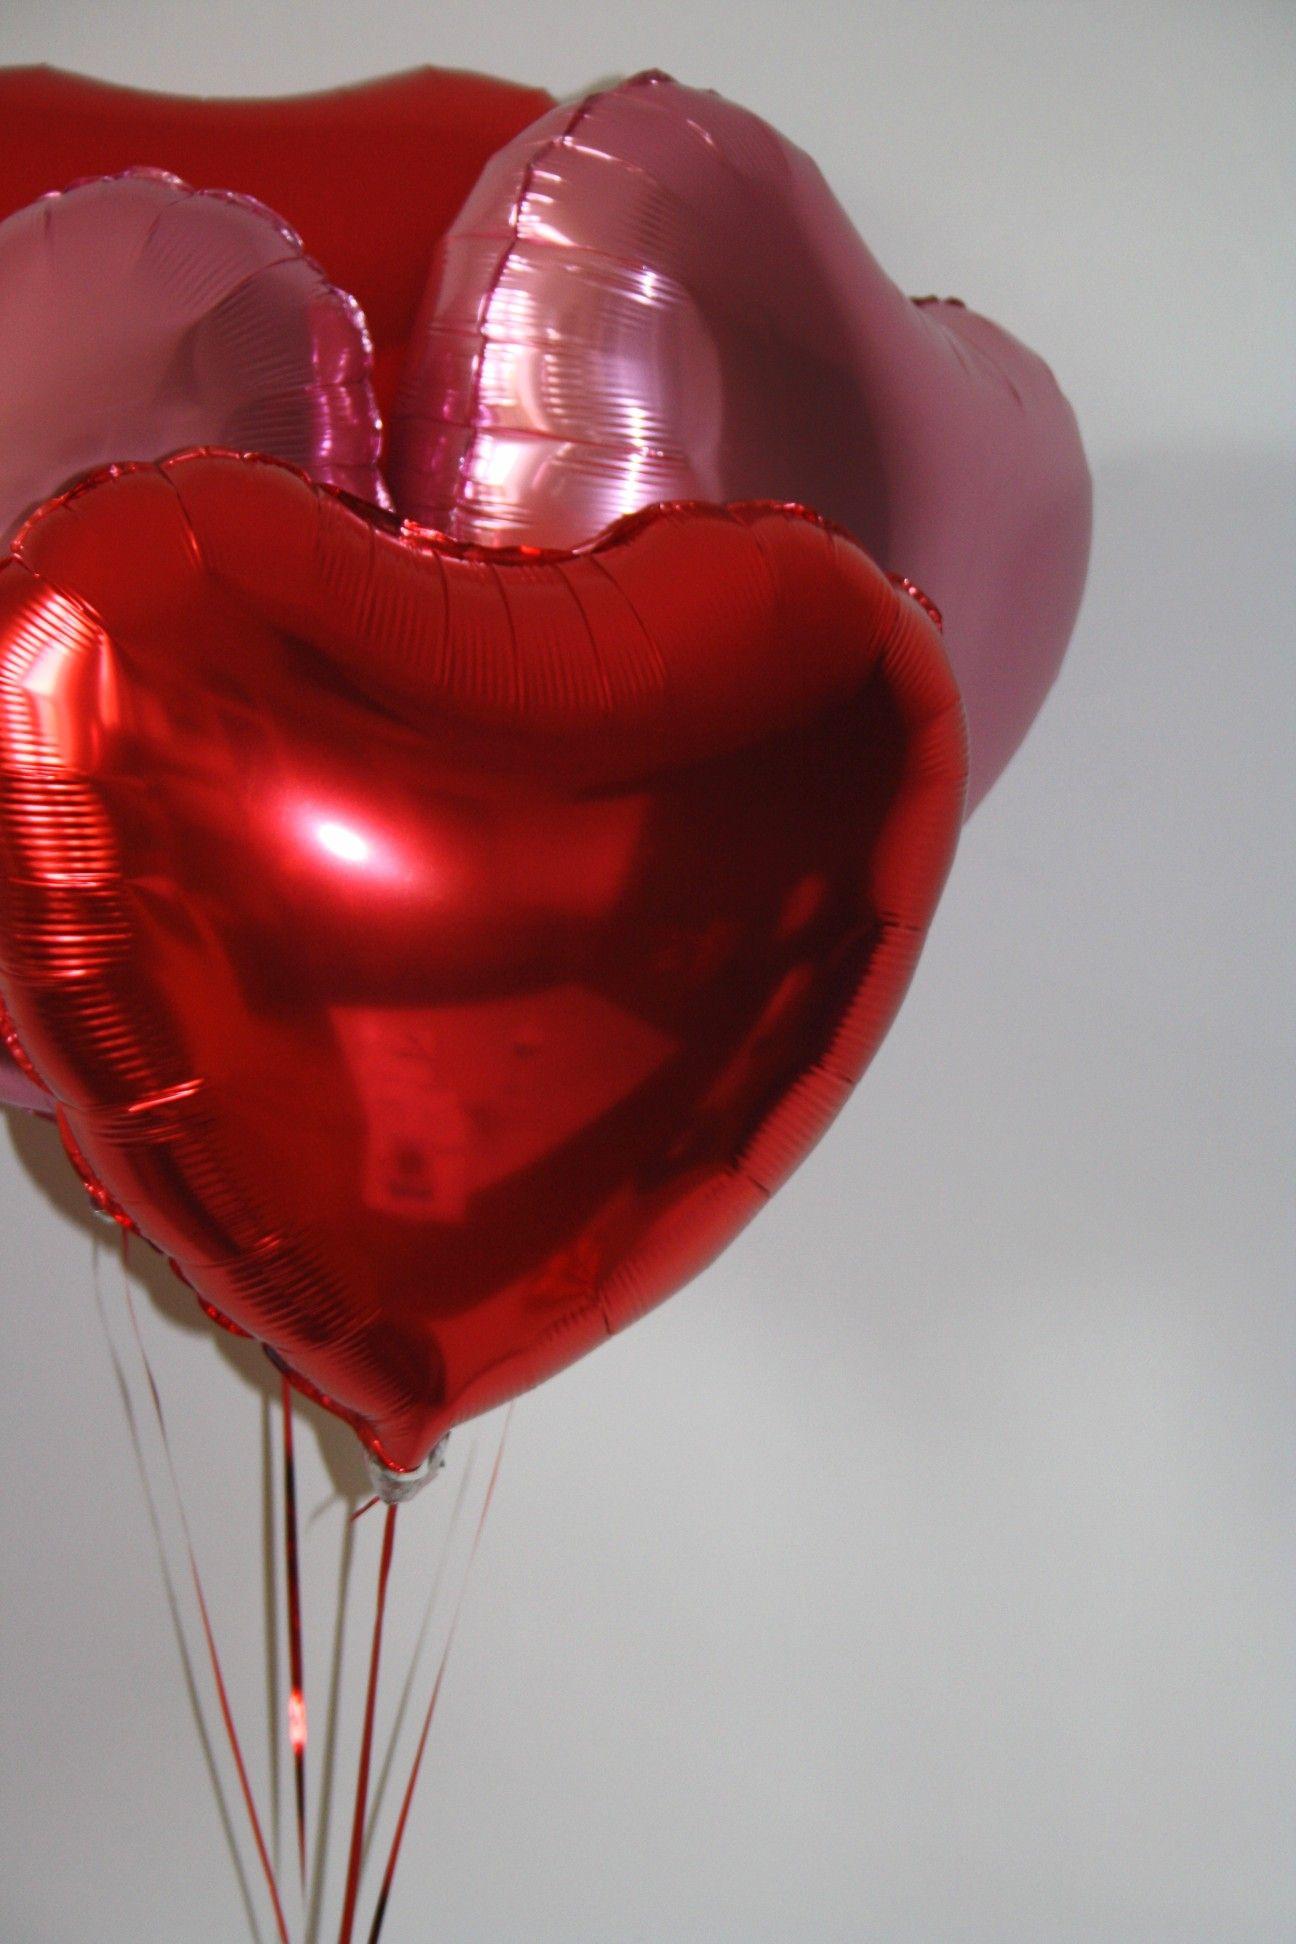 Ballons Hélium Cœur Rouge Paris Www Leballonrouge Online Ballon Hélium Ballons Coeur Ballon